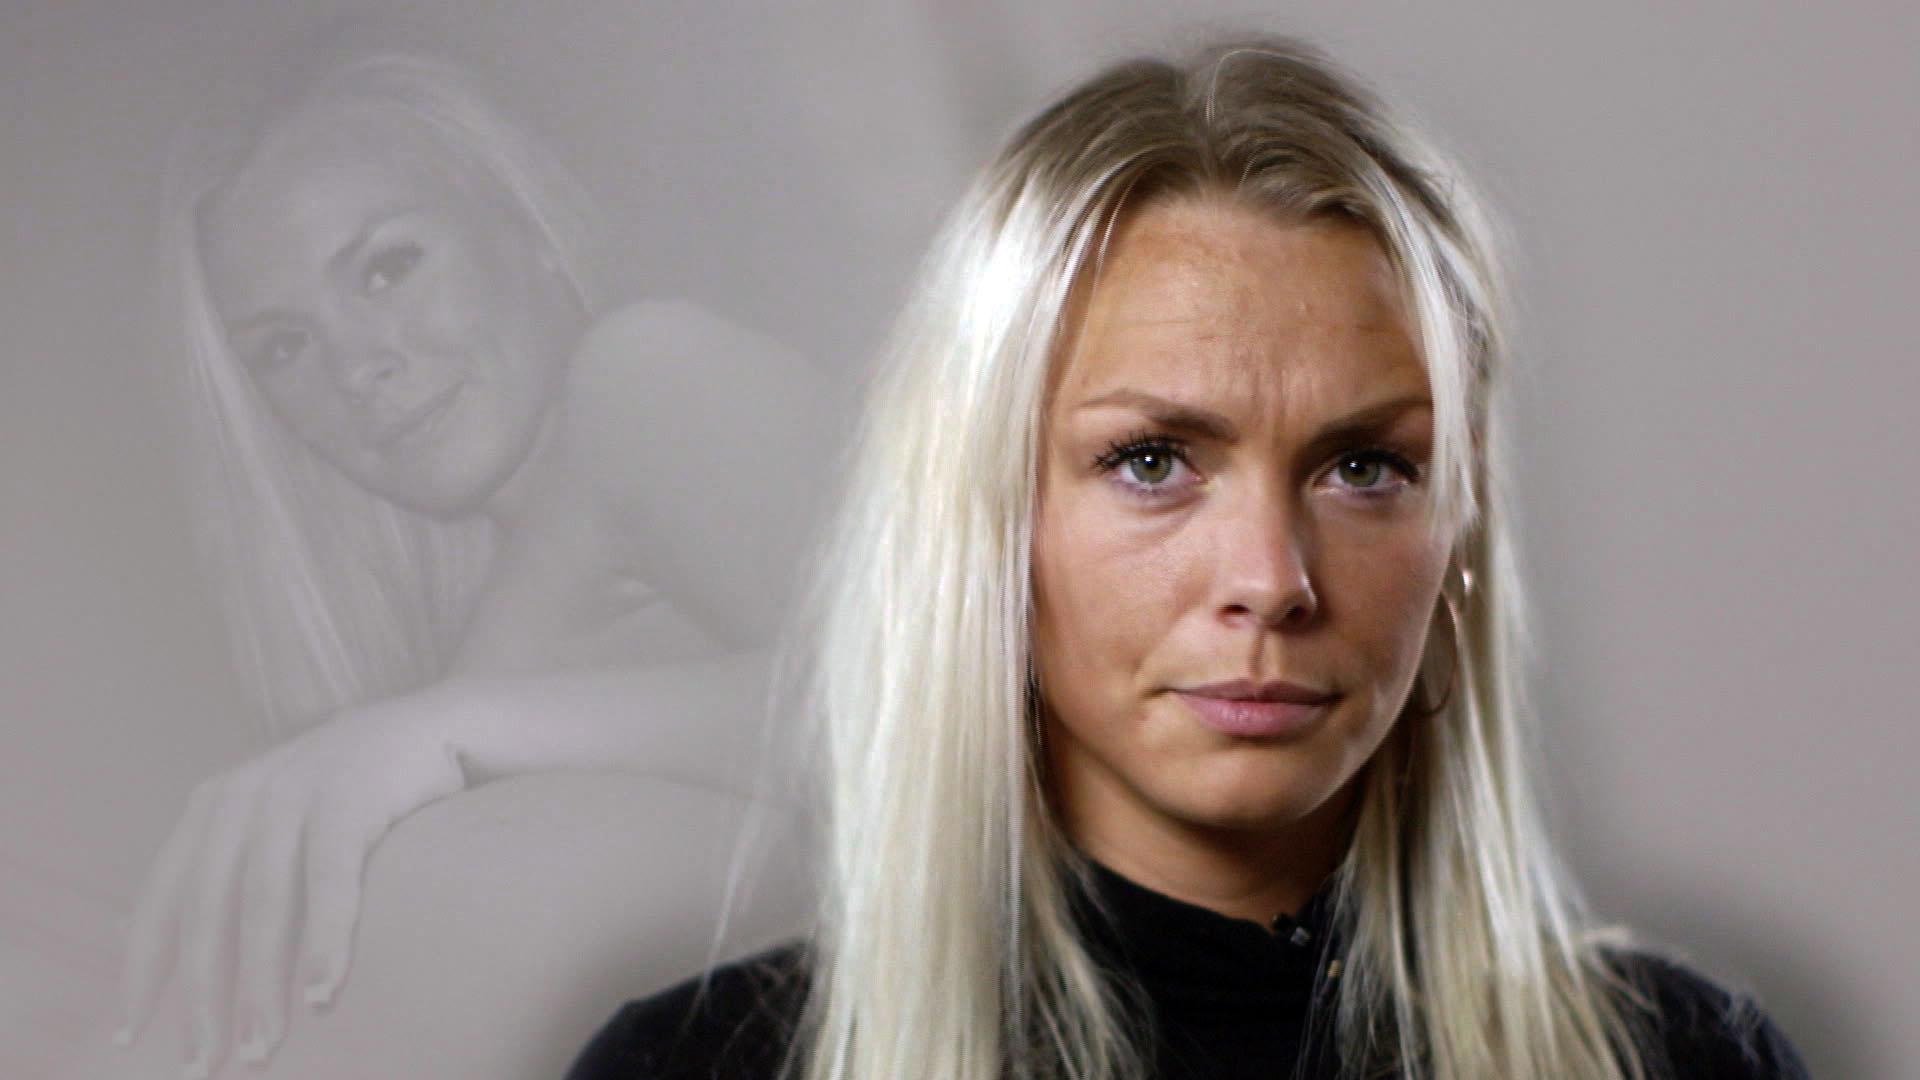 pornostjerne søgning nøgne danske piger